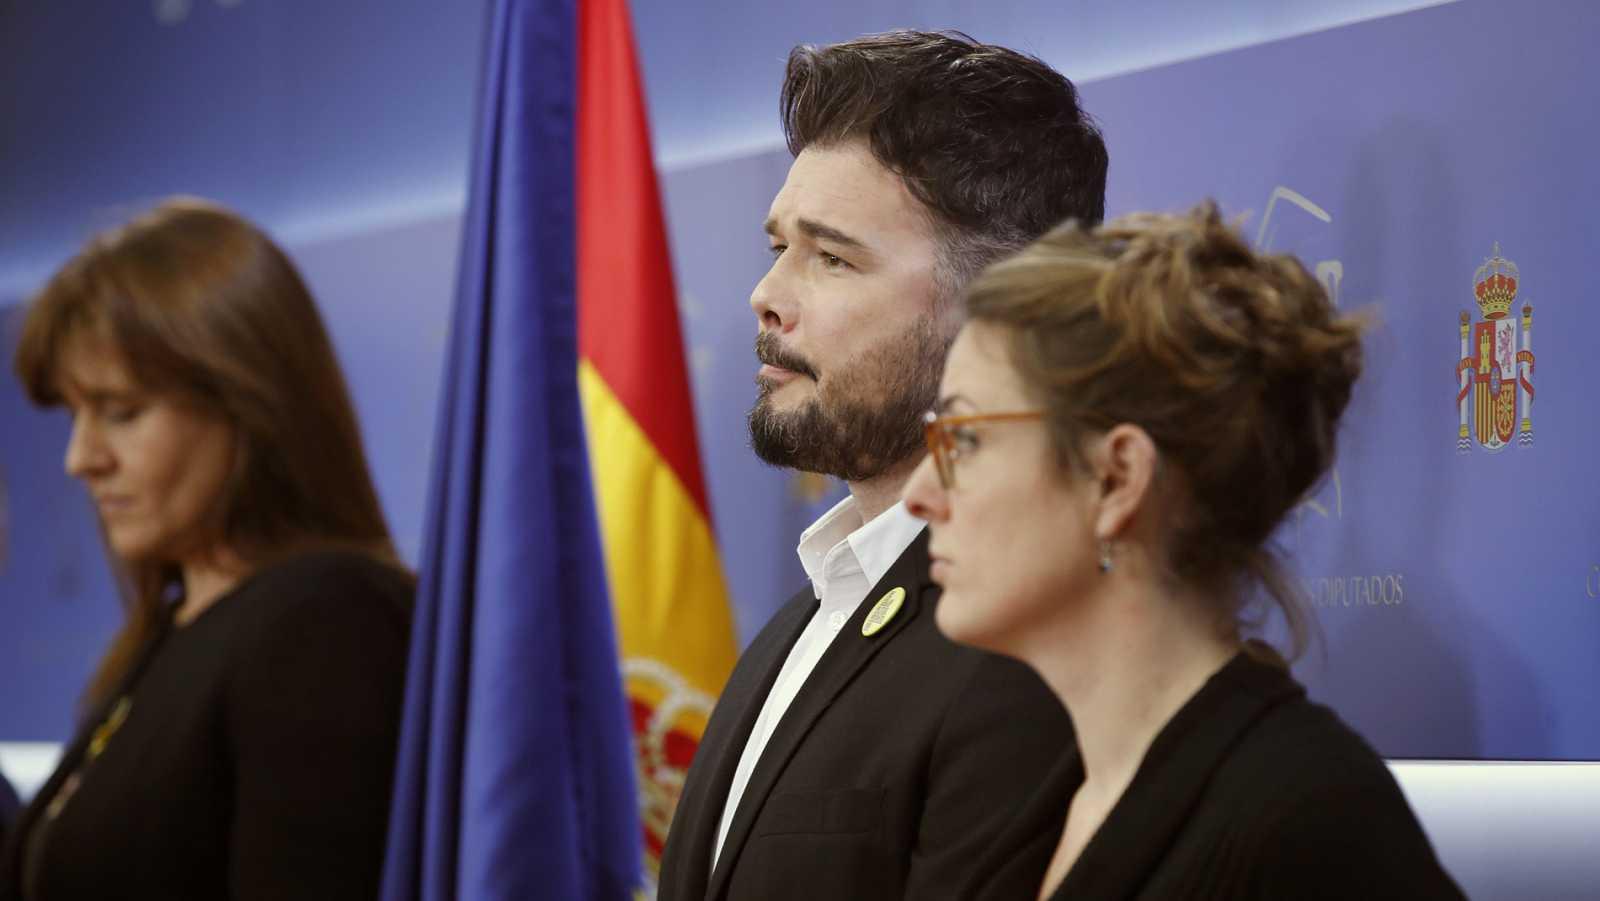 Los partidos independentistas rechazan participar en la apertura solemne de las Cortes y leen un manifiesto contra la Monarquía